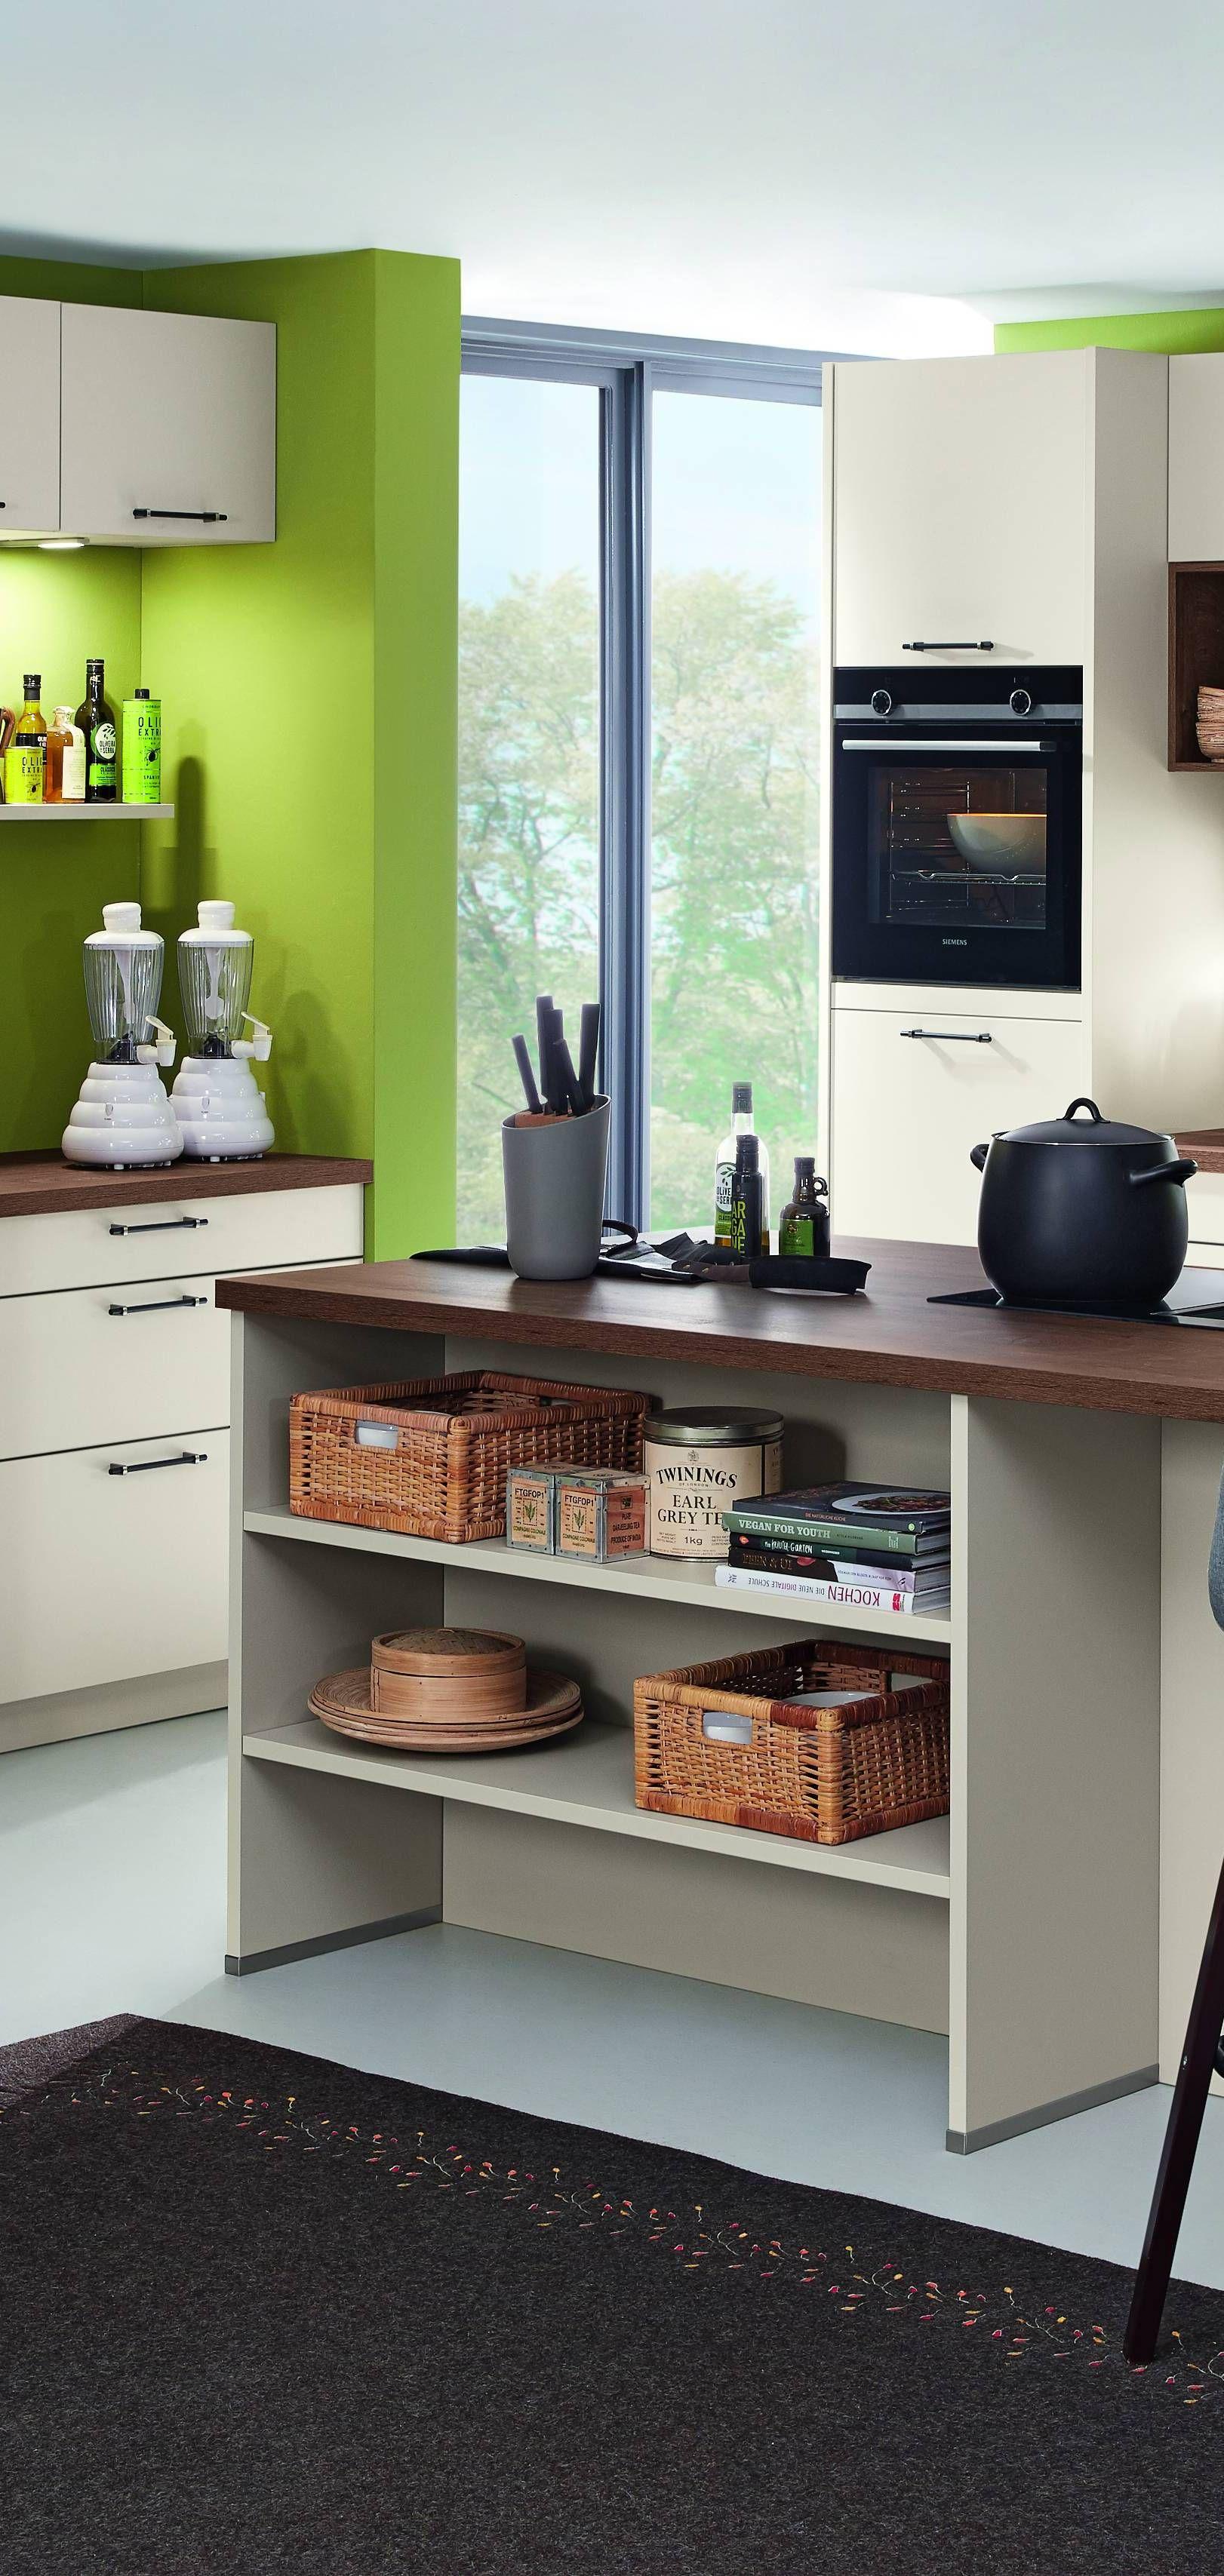 Sie sehen hier eine schlichte Bauformat Küche mit